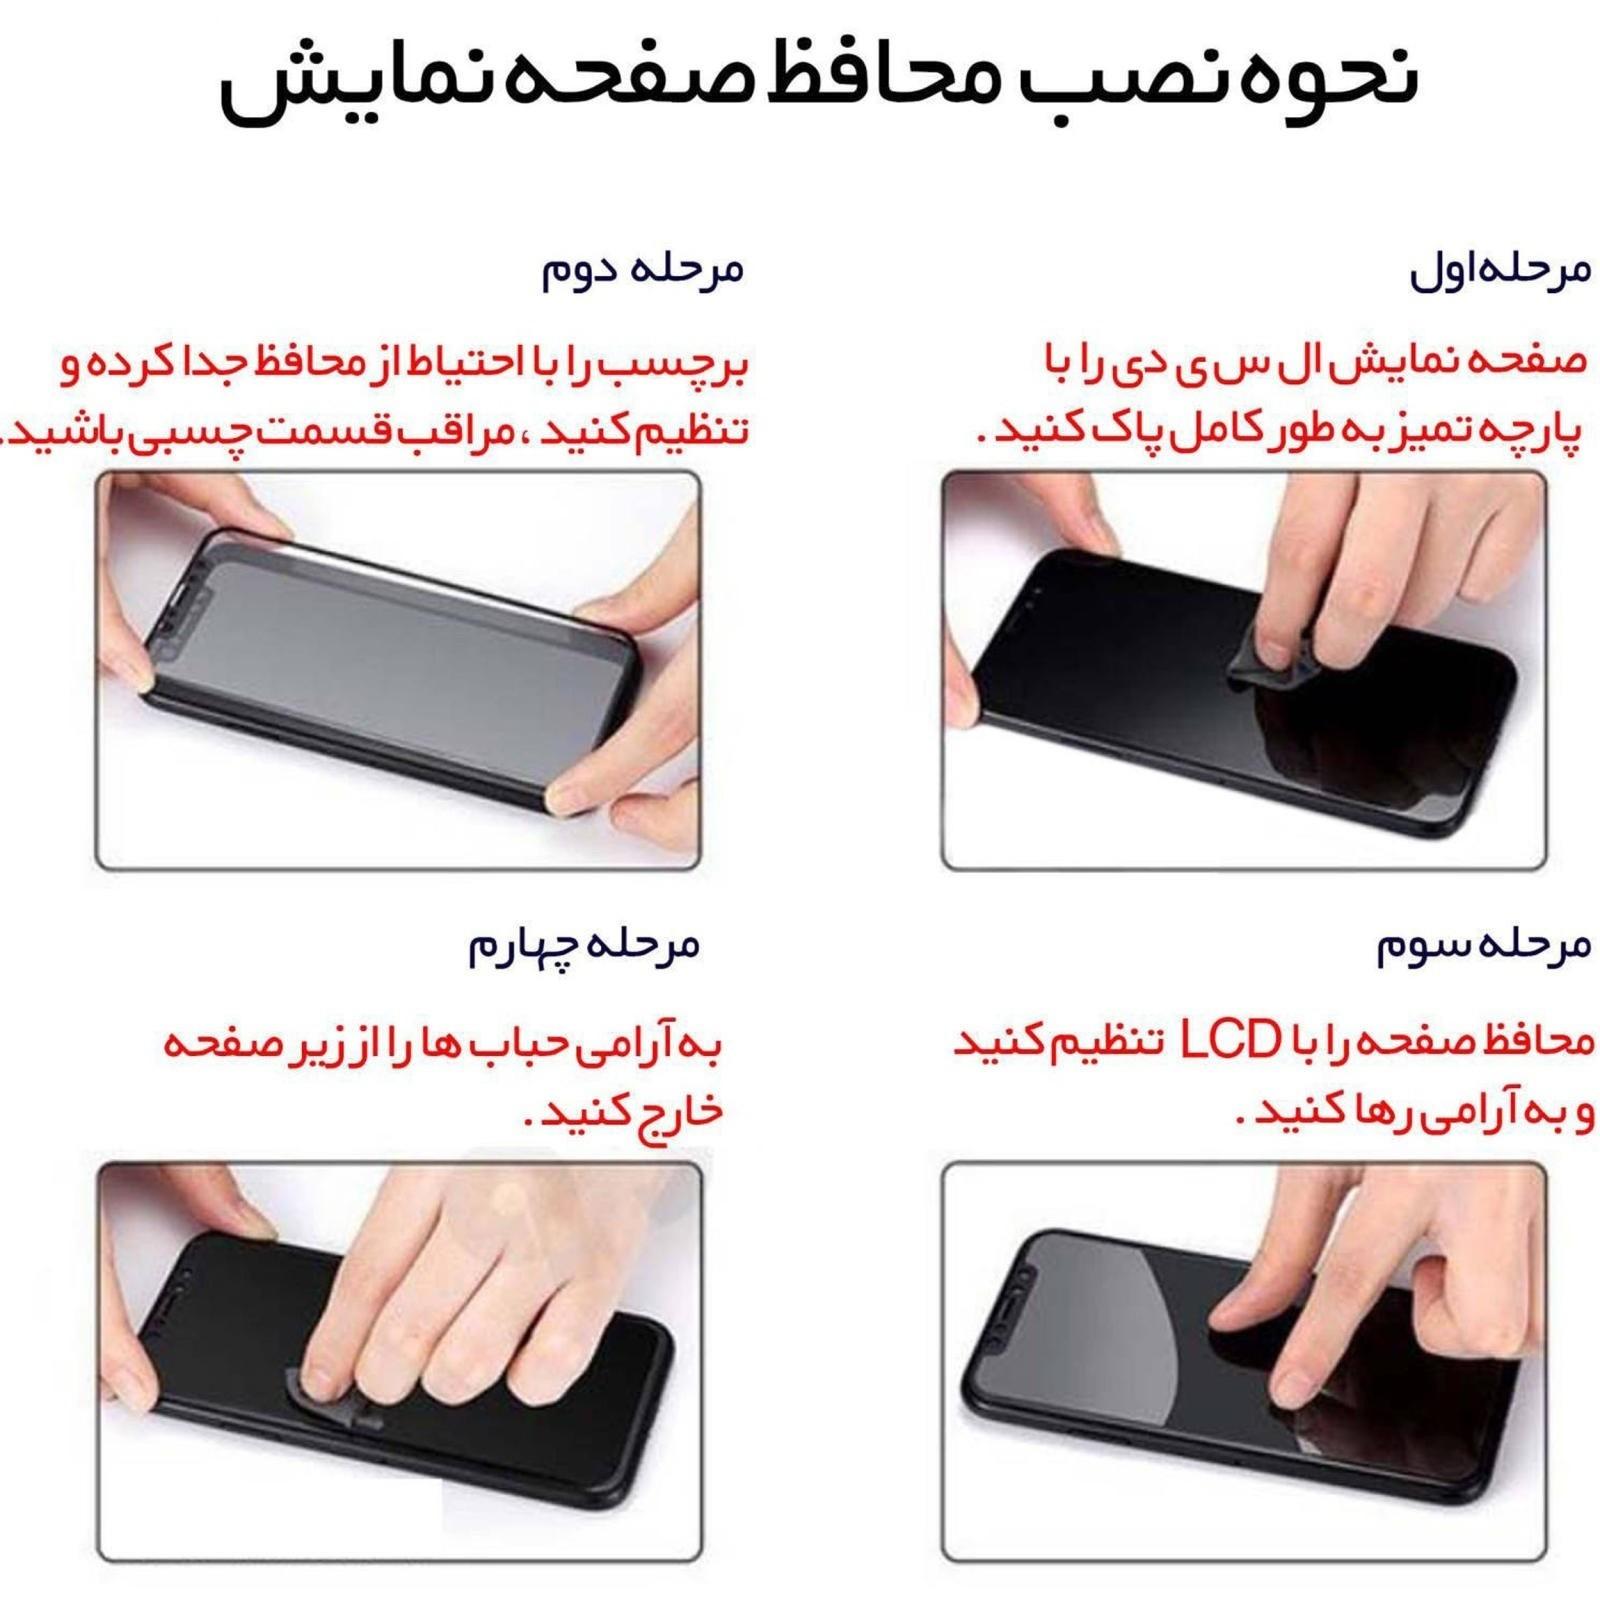 محافظ صفحه نمایش سرامیکی کوالا مدل CER-CL01 مناسب برای گوشی موبایل موتورولا Moto G9 Play